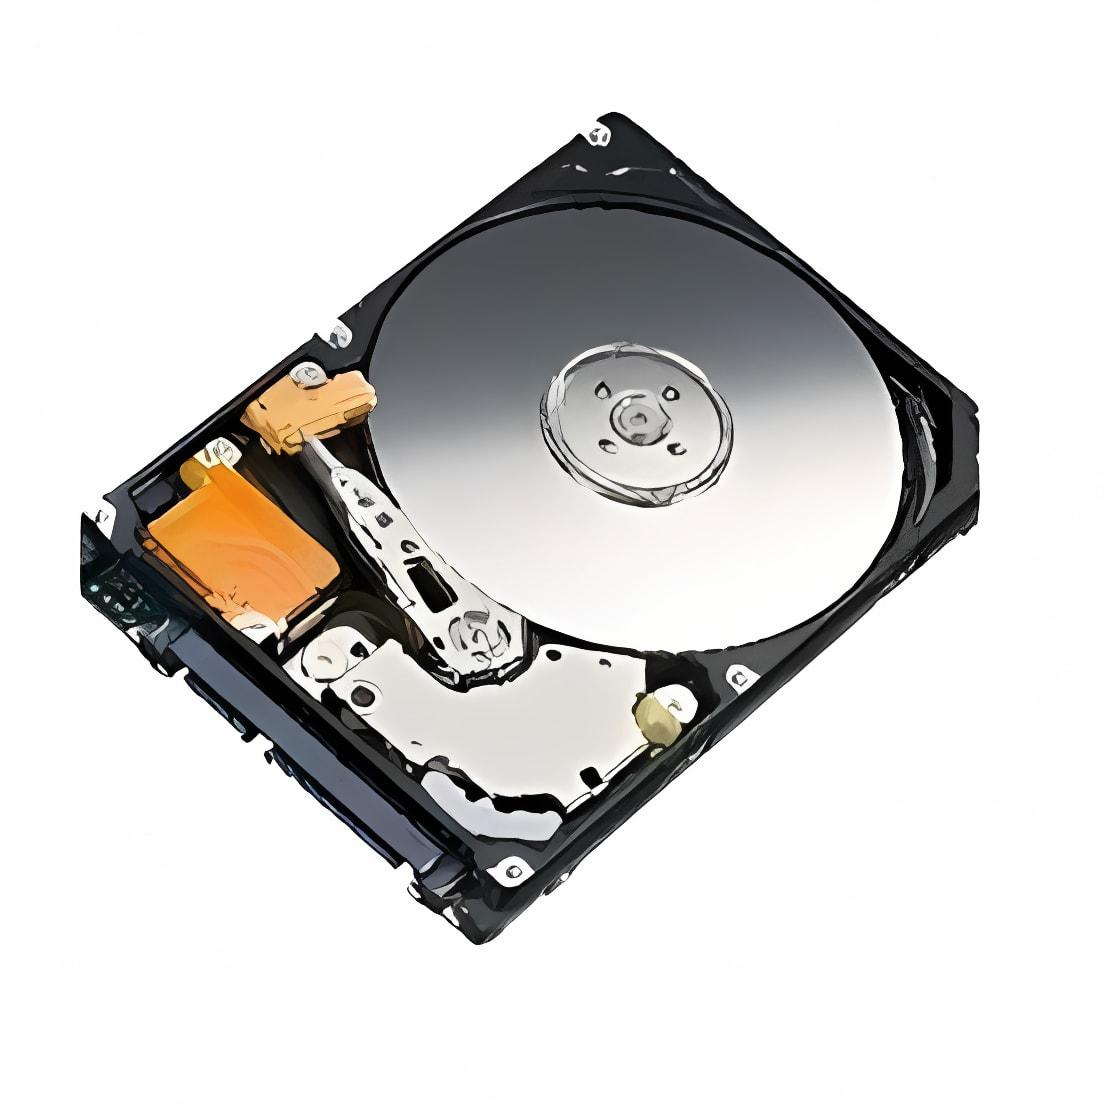 FAT32 FormatHD